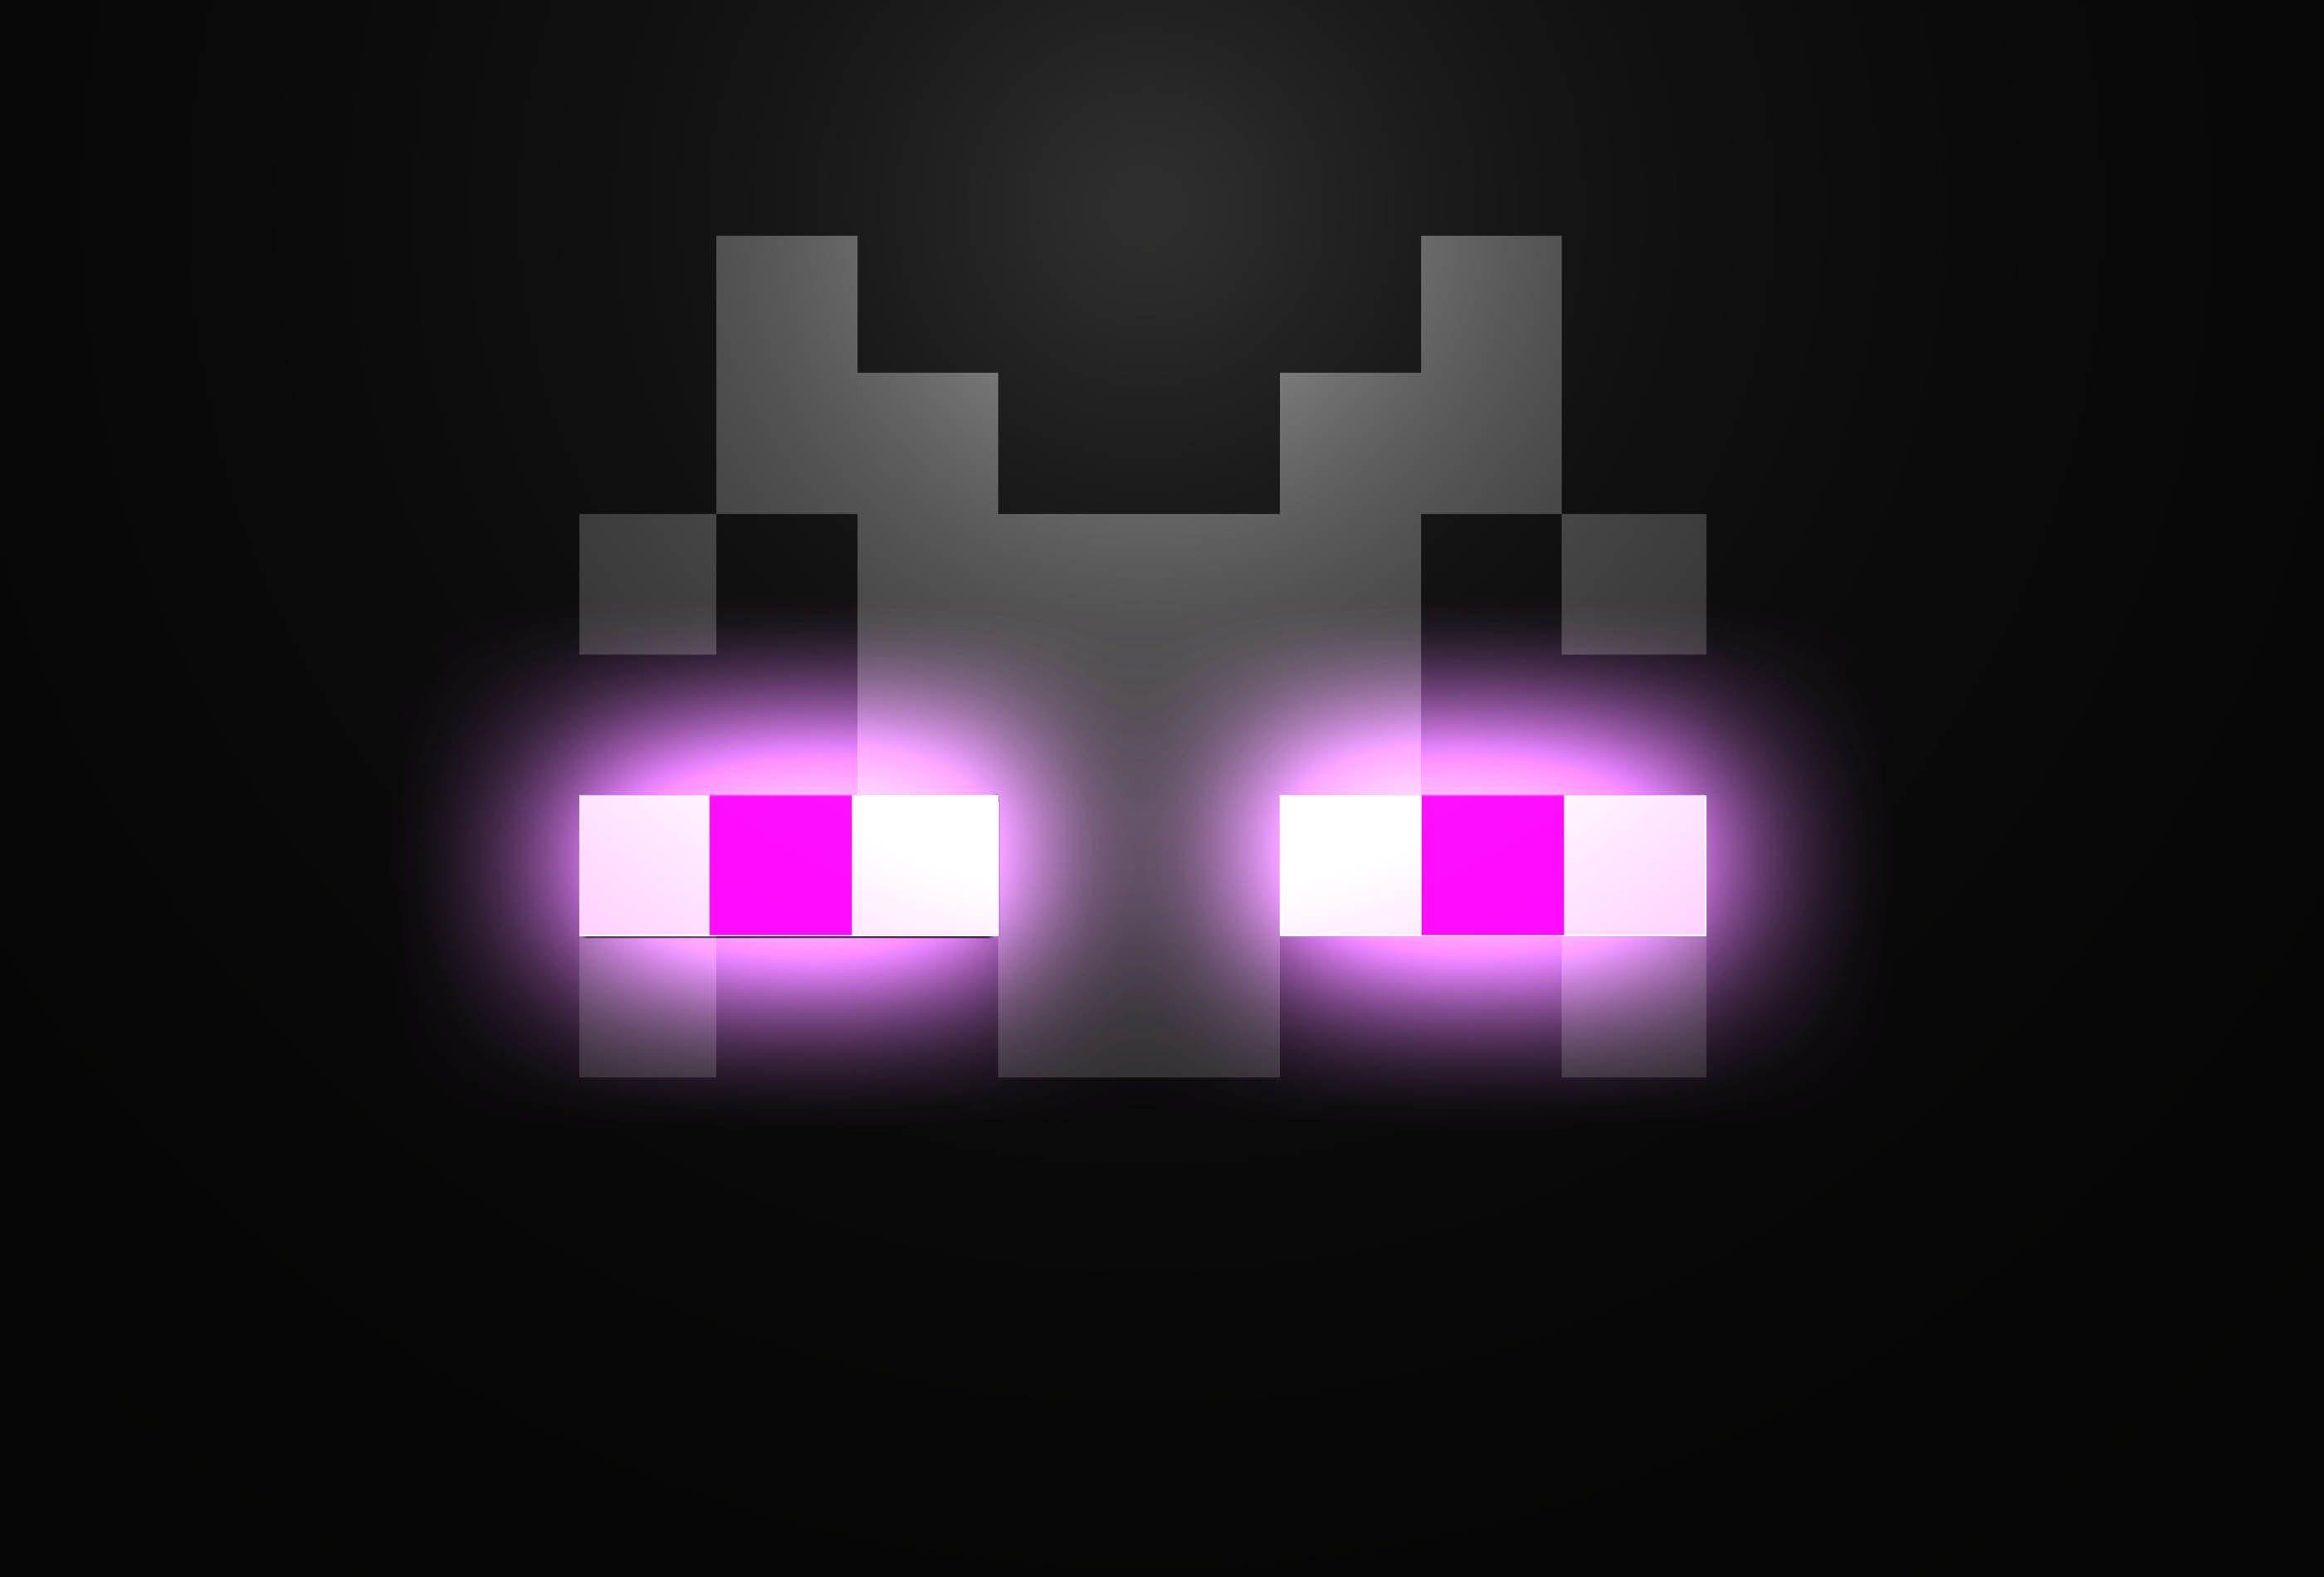 Wonderful Wallpaper Minecraft Enderman - 1c15ed32faee0aa529bd40c4c666eee7  You Should Have_866551.jpg